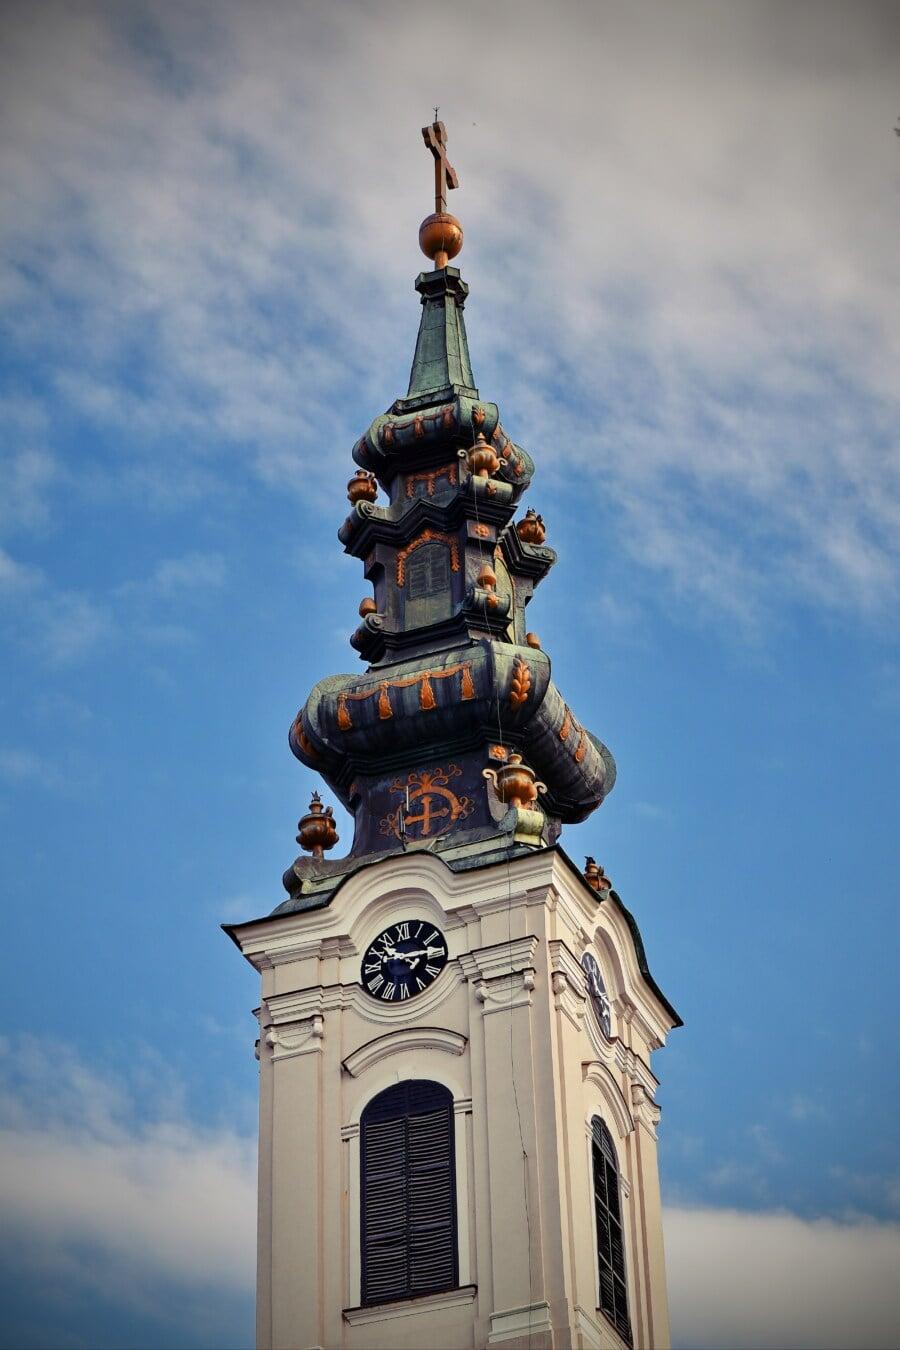 อาคารโบสถ์, เครื่องประดับ, บาโร, ไบแซนไทน์, งดงาม, สถาปัตยกรรม, นิกายออร์โธดอกซ์, ศาสนา, คริสตจักร, เก่า